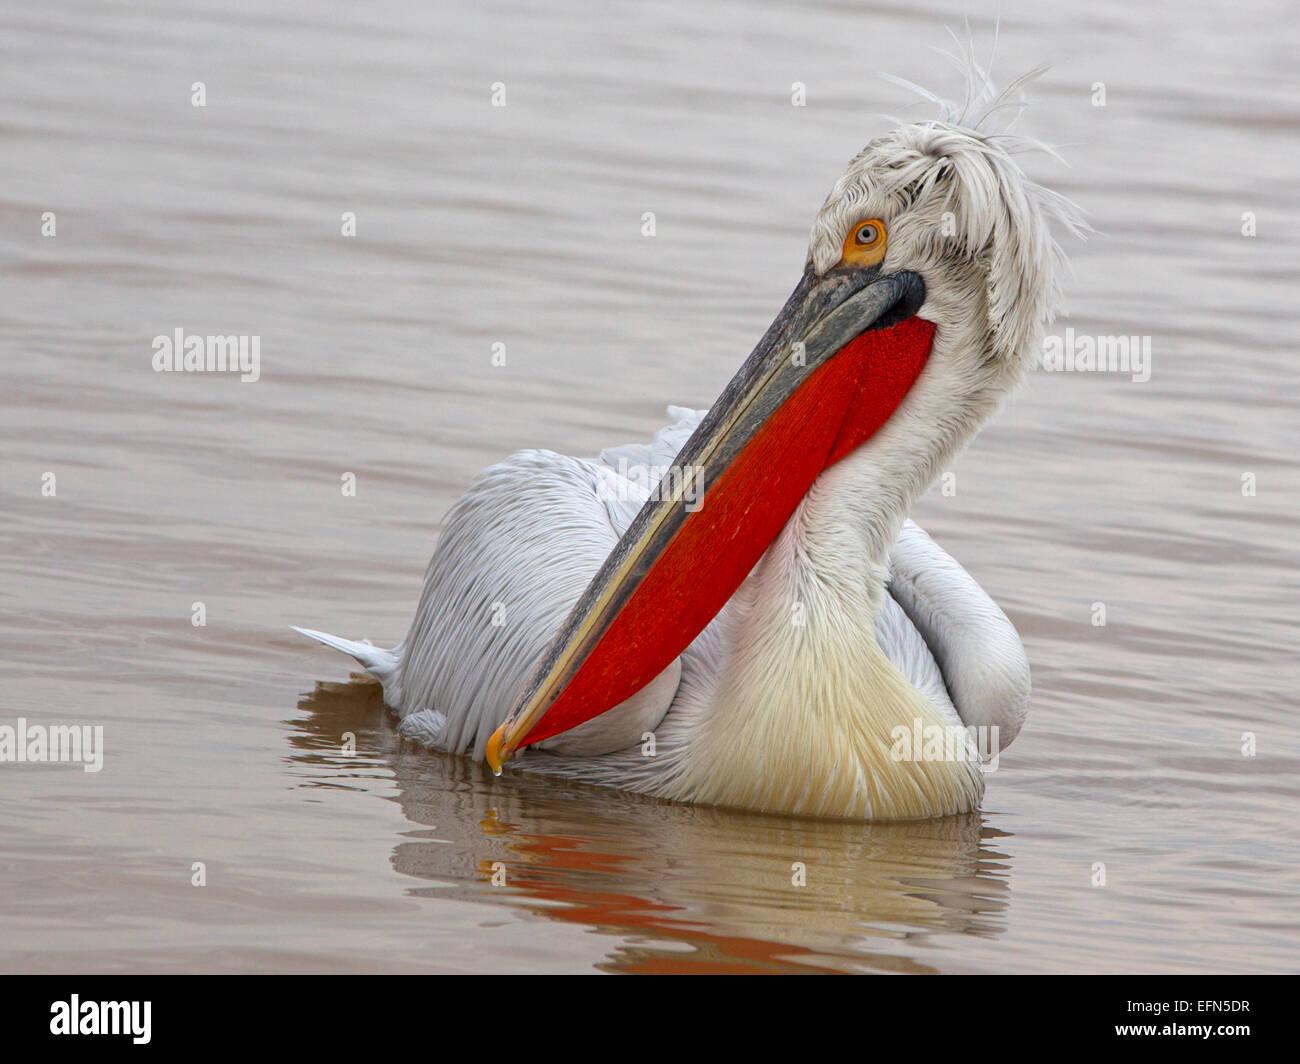 Dalmatian pelican swimming - Stock Image